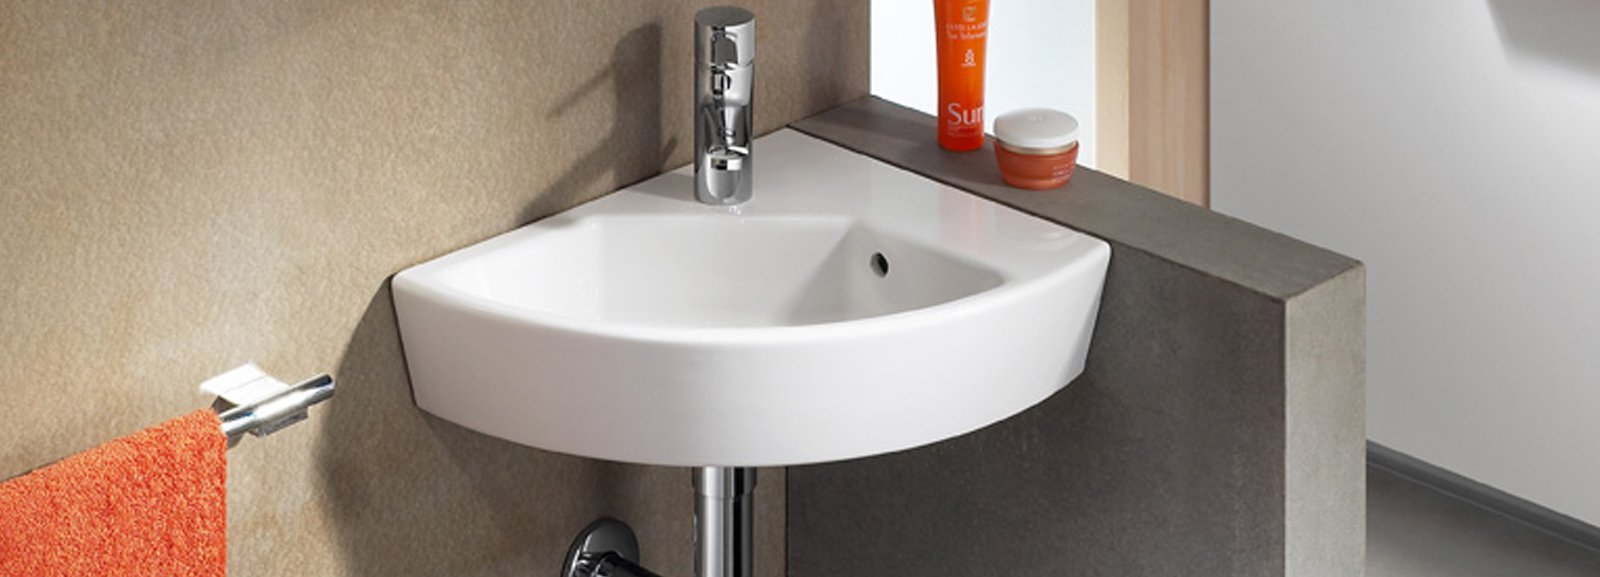 Lavabo ad angolo dolomite termosifoni in ghisa scheda - Lavabo angolare bagno ...